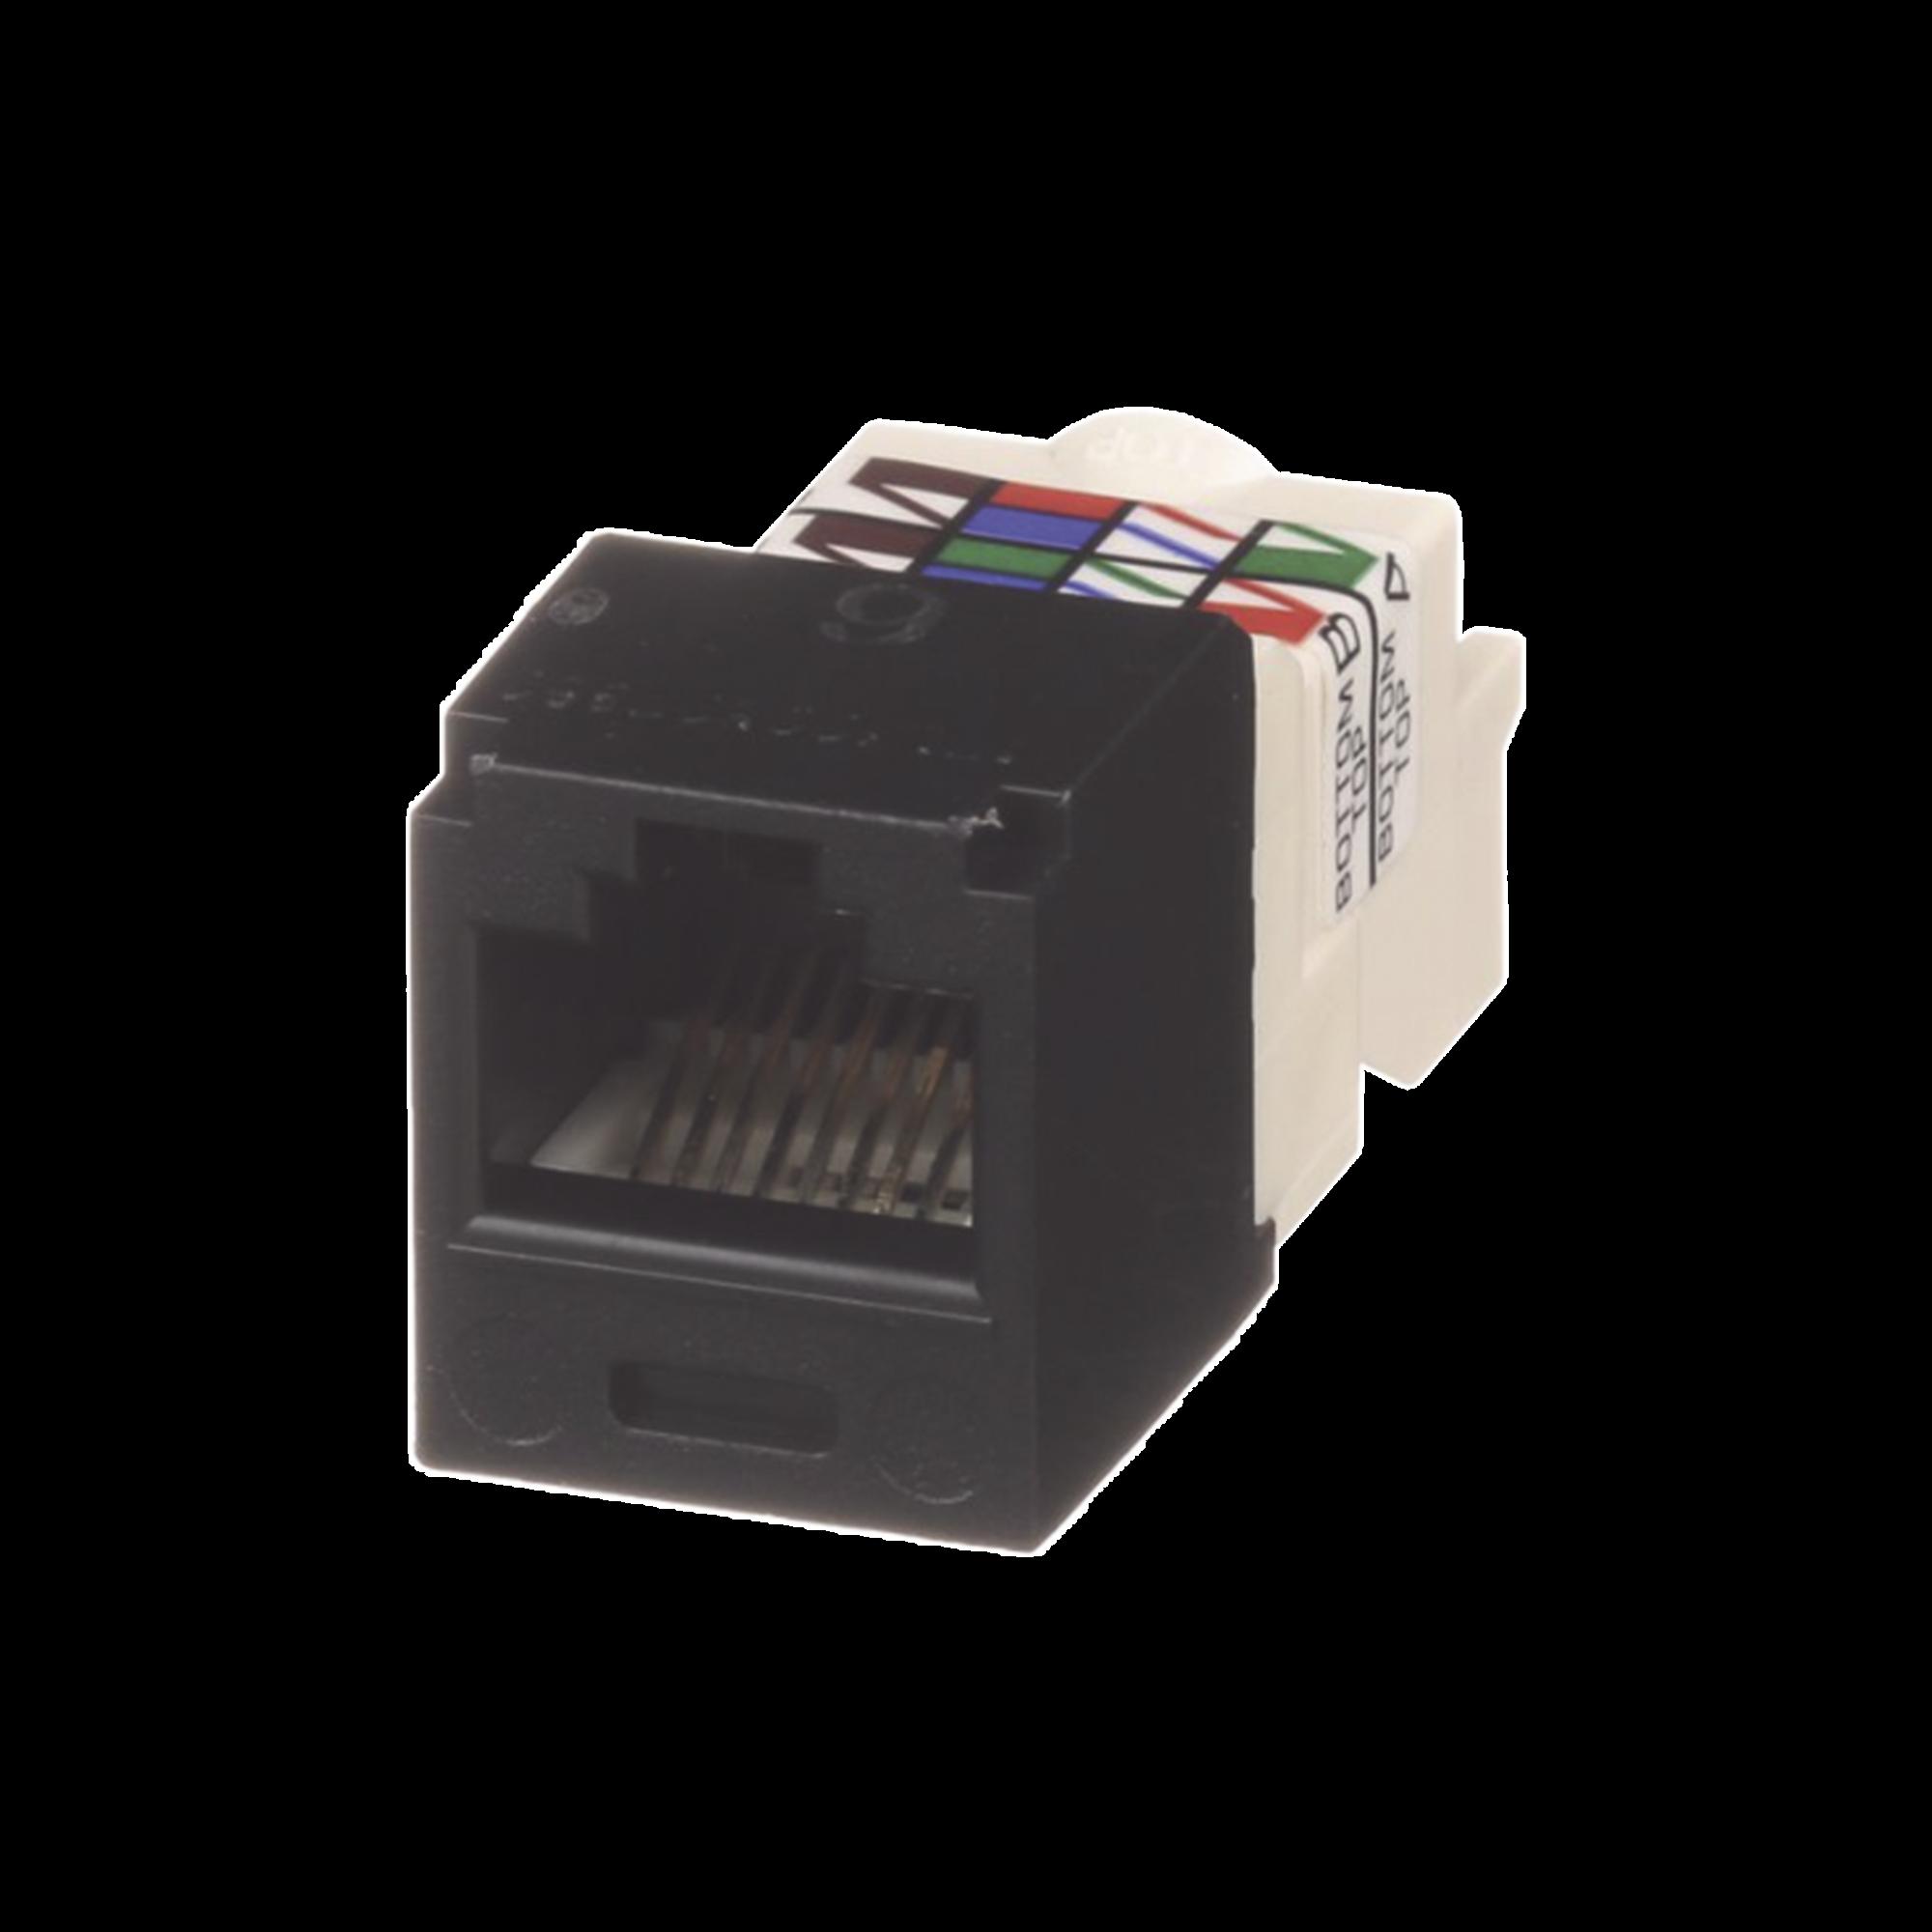 Conector Jack RJ45 Estilo TP, Mini-Com, Categoría 6, de 8 posiciones y 8 cables, Color Negro